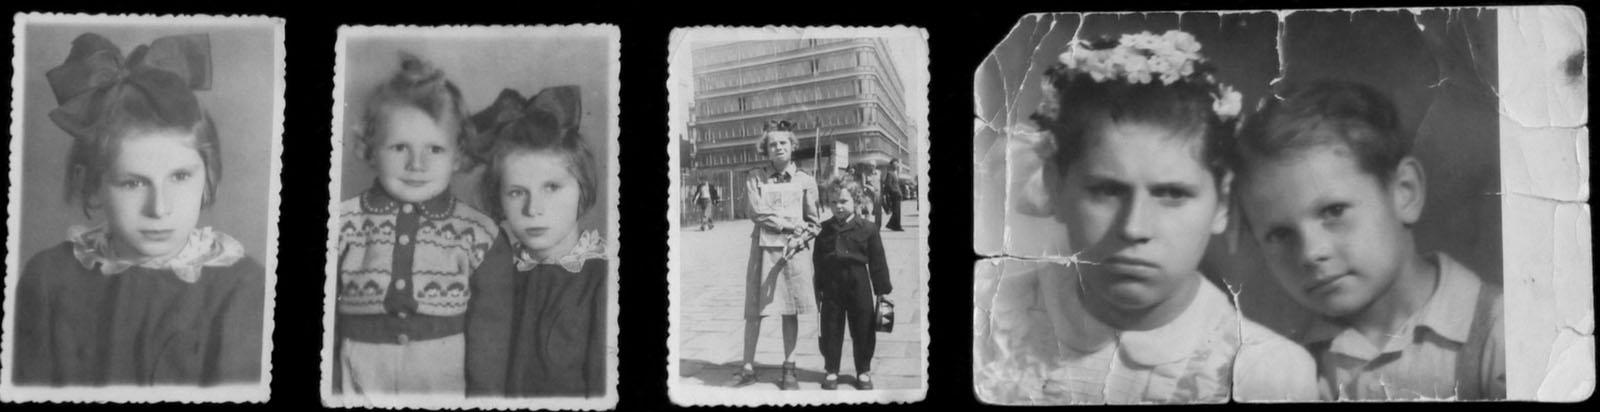 Family album with Tereska's photos. Courtesy of Krzysztof Siemiątkowski.